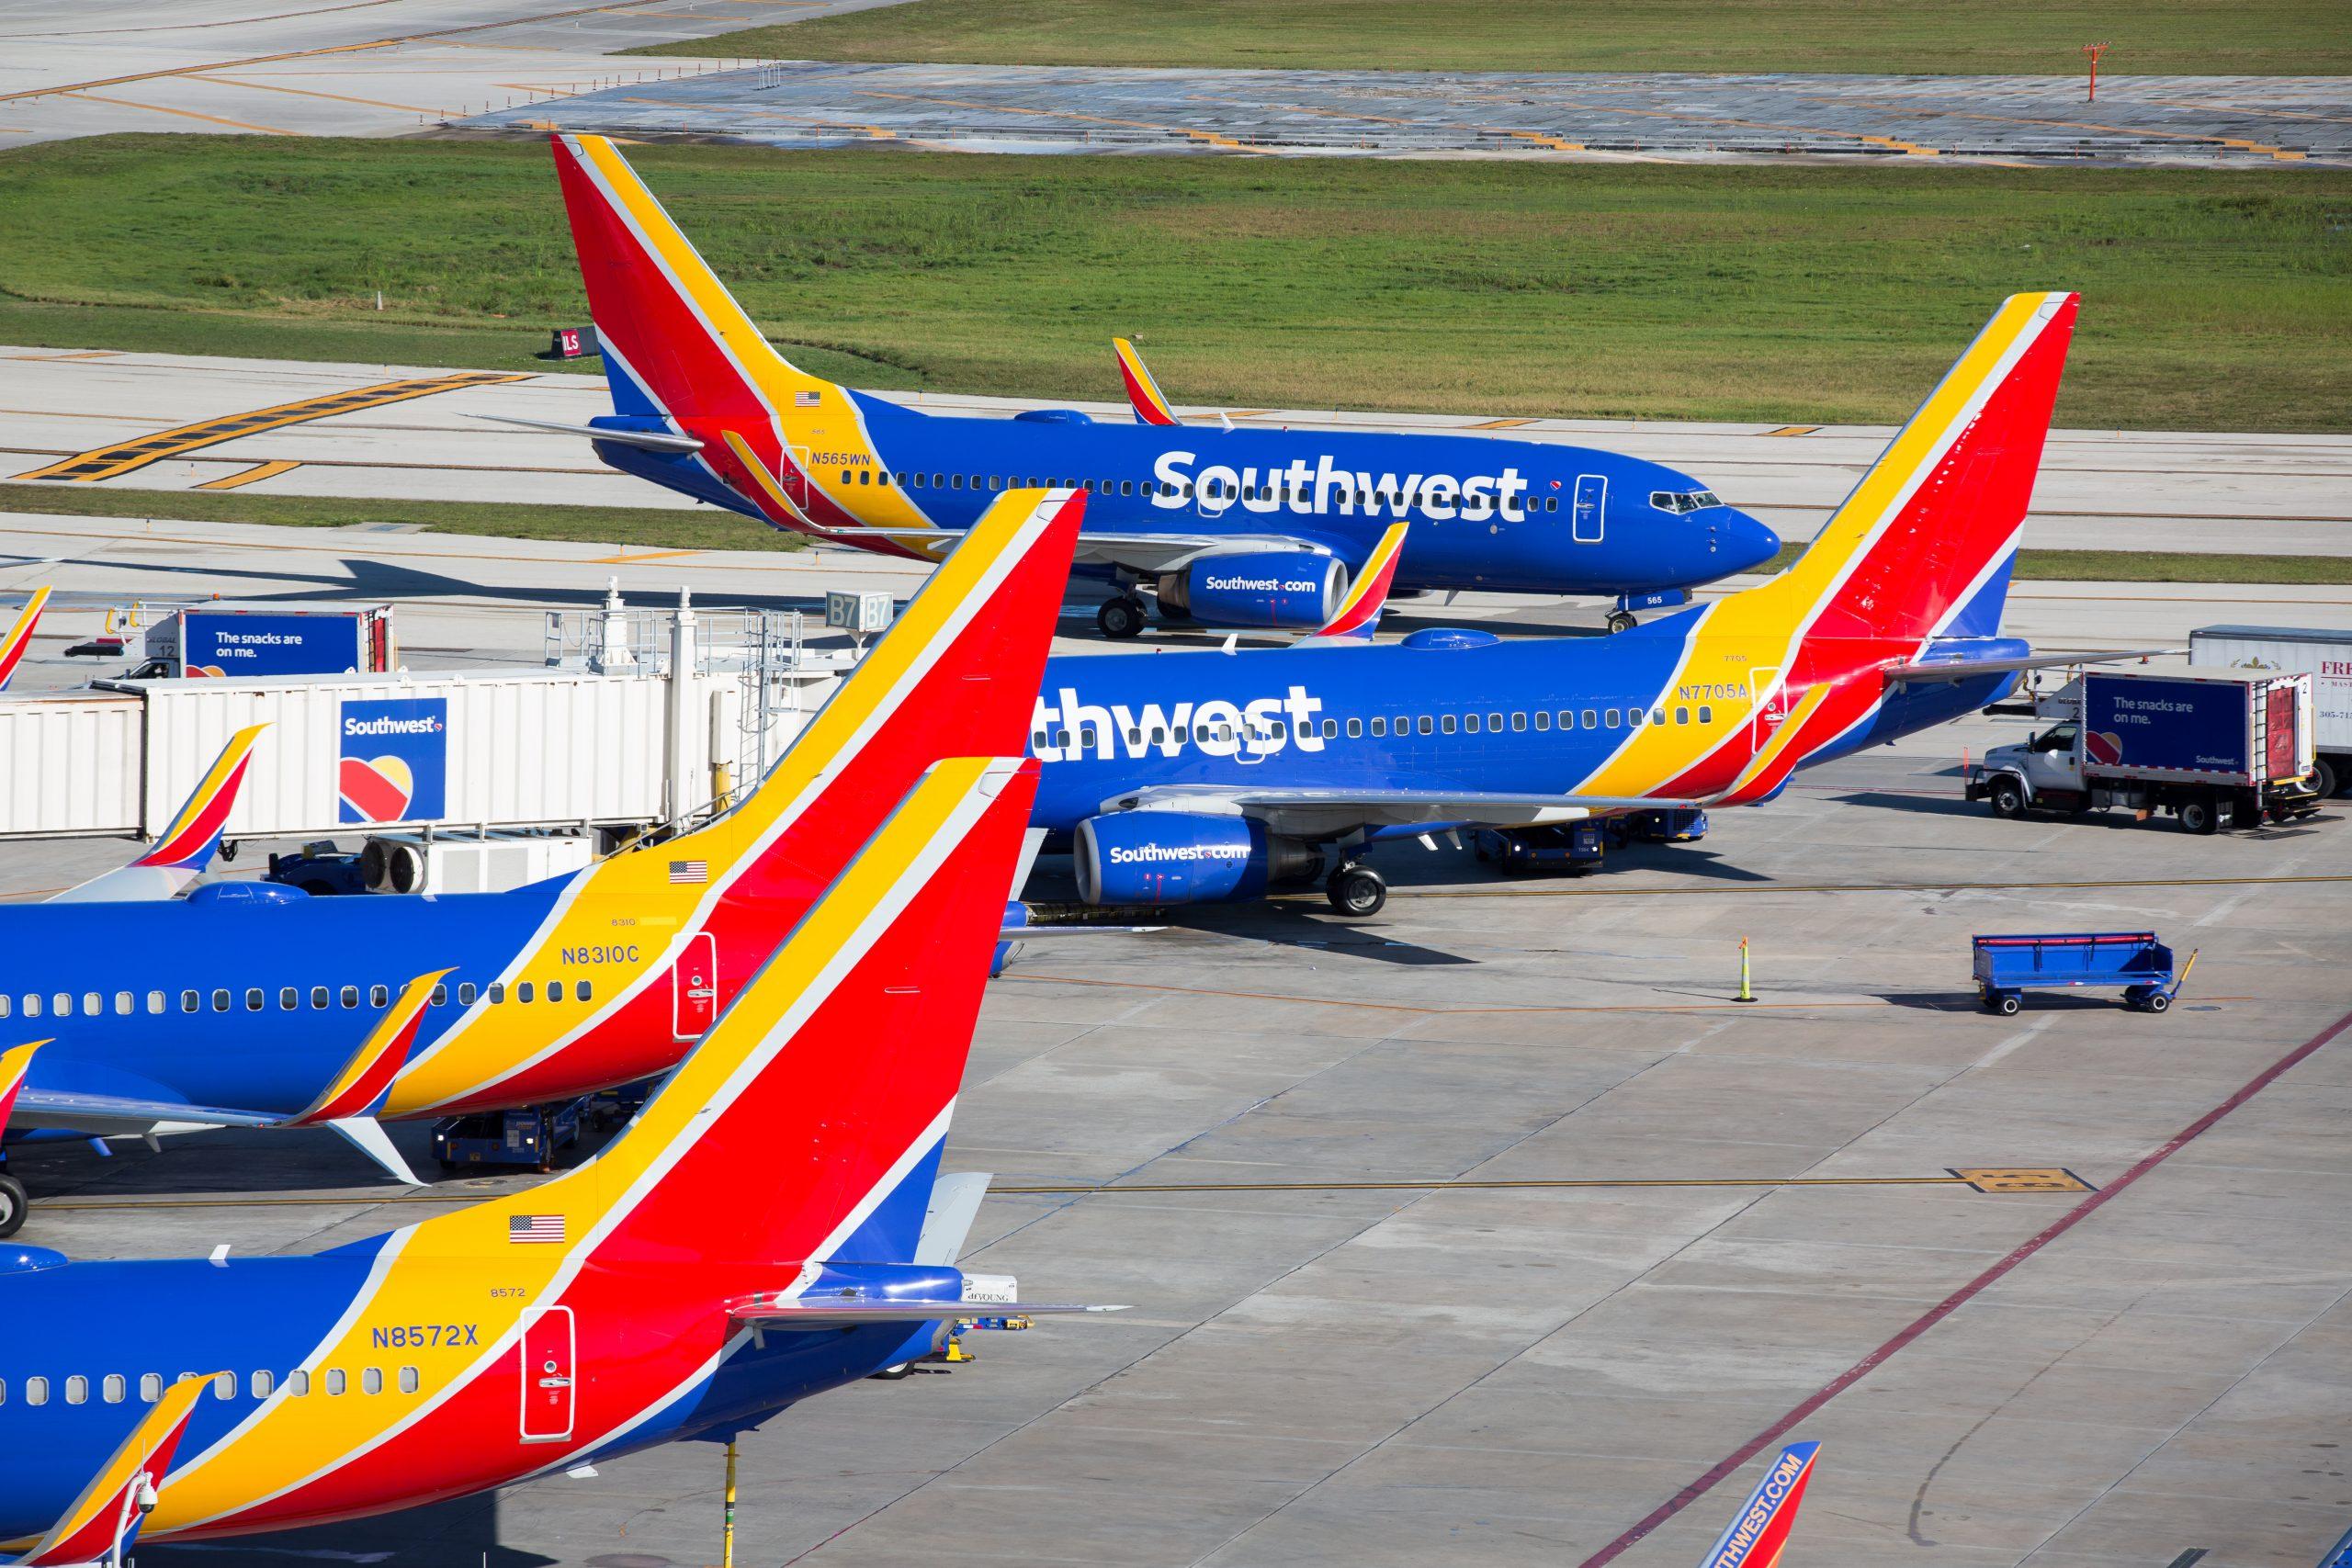 Southwest Airlines, der her er i Fort Lauderdale-lufthavnen i Florida, arbejder blandt andet for at øge sin tiltrækningskraft overfor erhvervsrejsende. Pressefoto: Stephen M. Keller for Southwest Airlines.